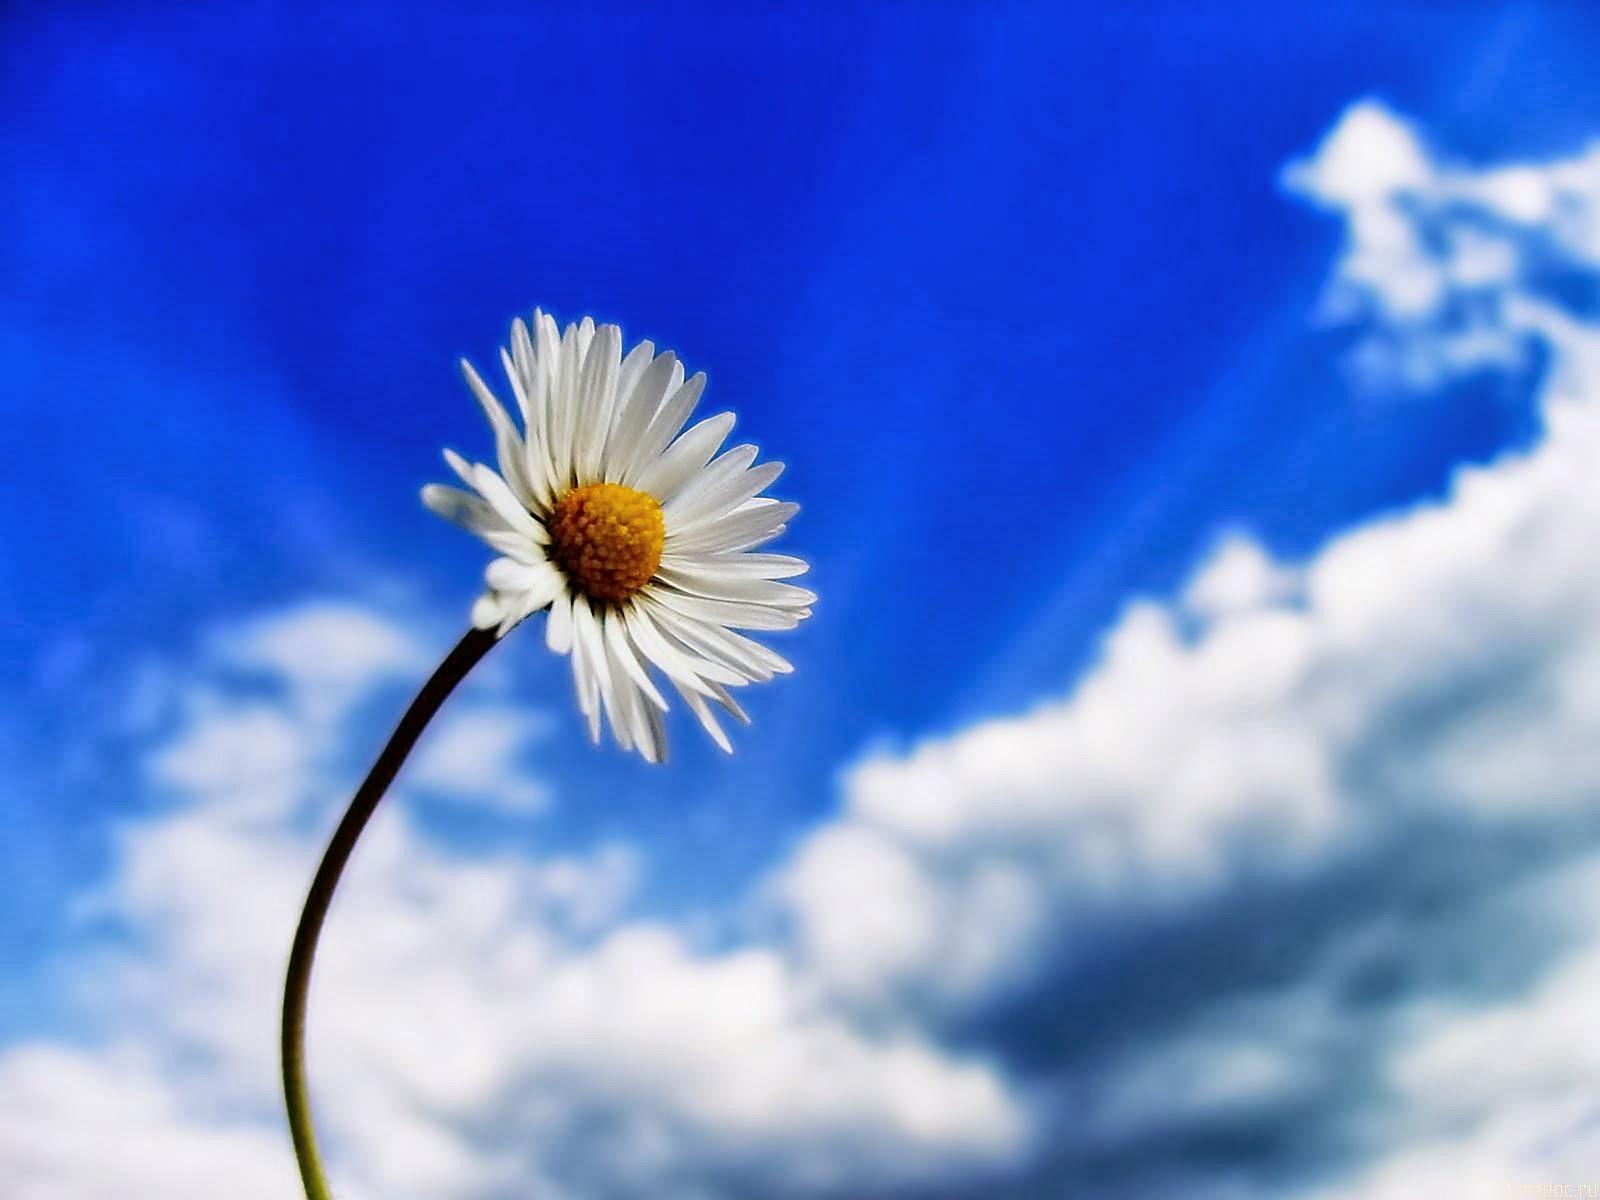 """<img src=""""http://1.bp.blogspot.com/-bTn7ReXjns4/Ut_qGeC1QsI/AAAAAAAAJtg/zKAKPiLgGKY/s1600/beautiful-sky-white-flower.jpg"""" alt=""""beautiful sky white flower"""" />"""